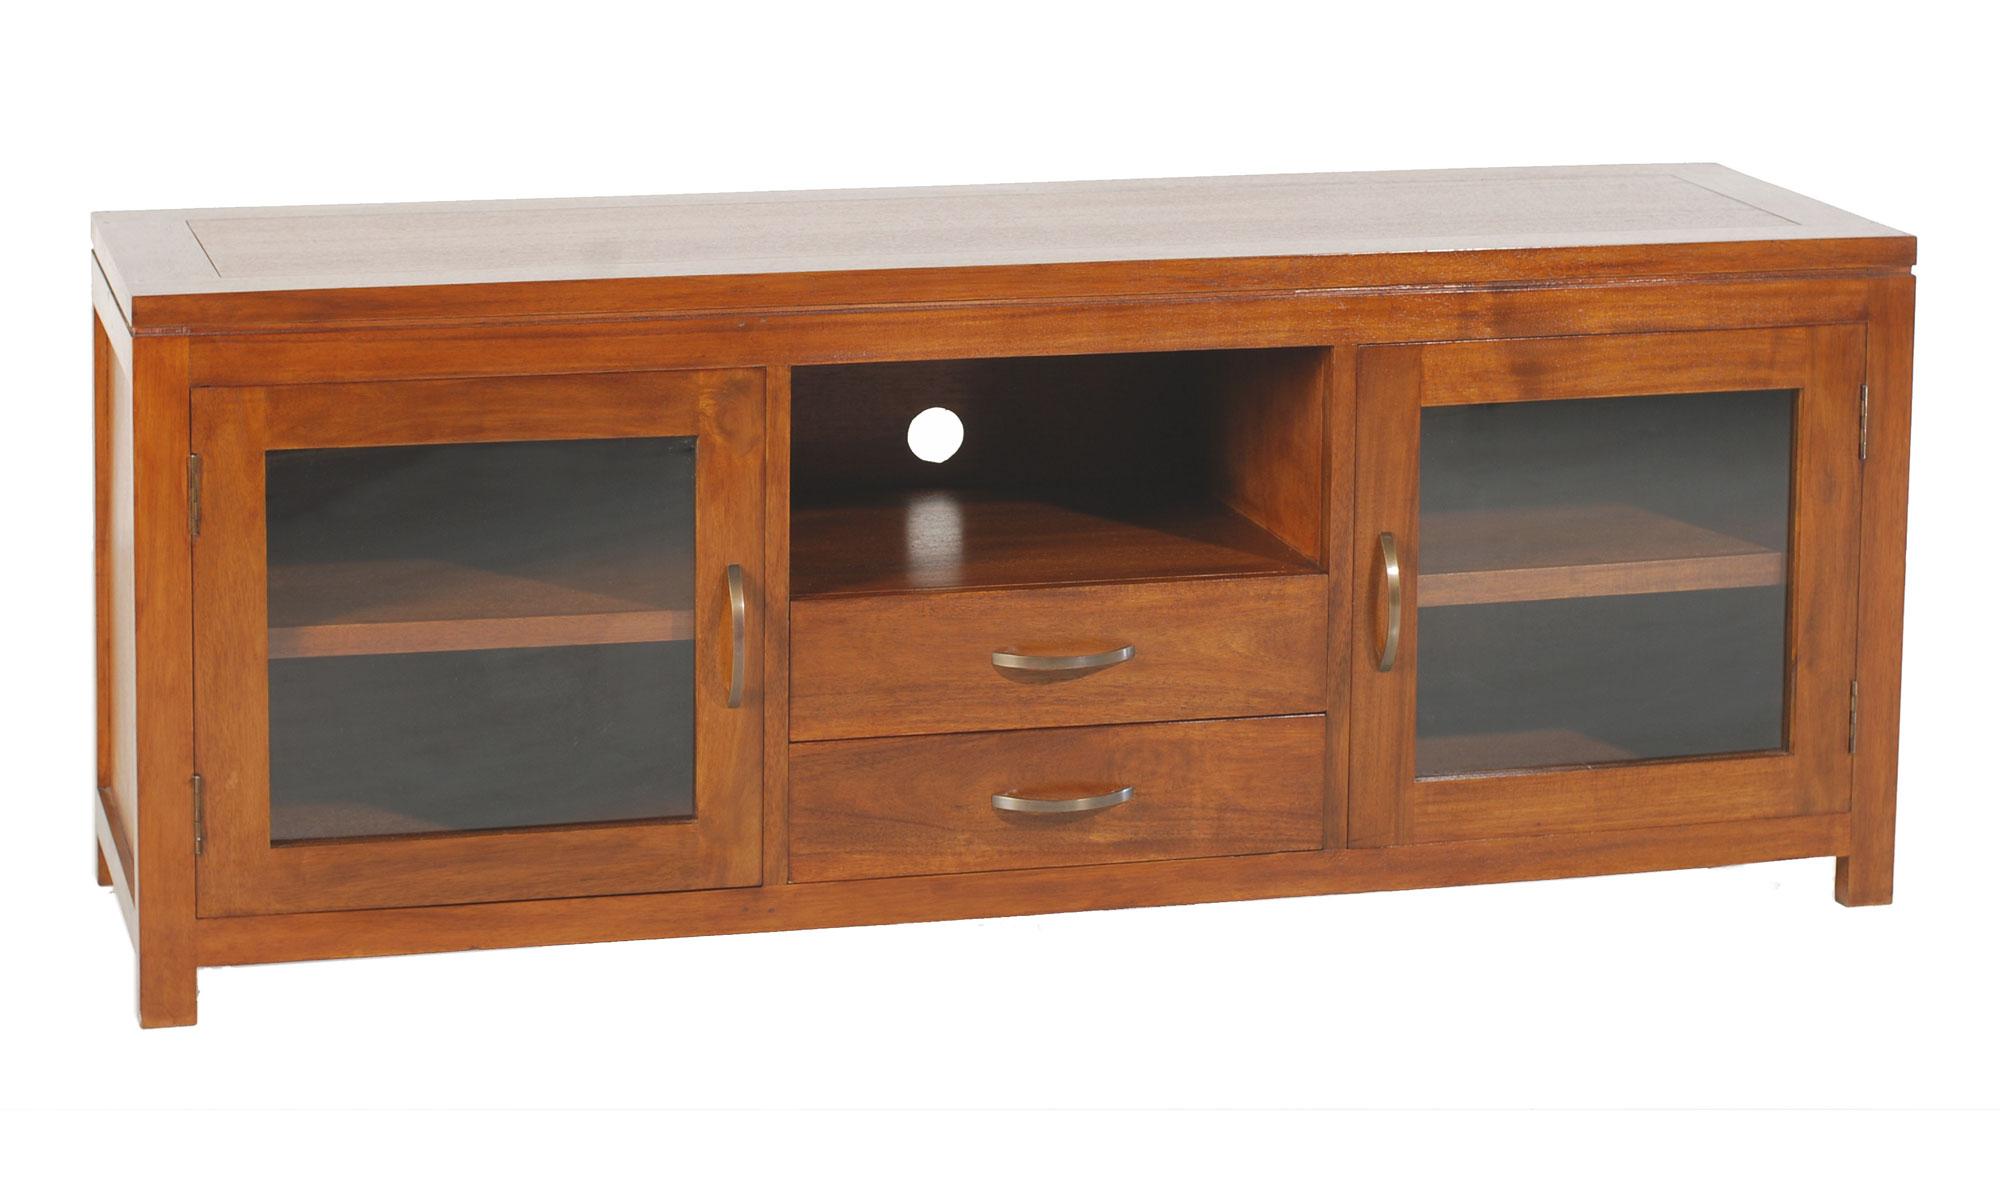 Mueble tv 2 puertas colonial sipura no disponible en - Muebles portobello ...